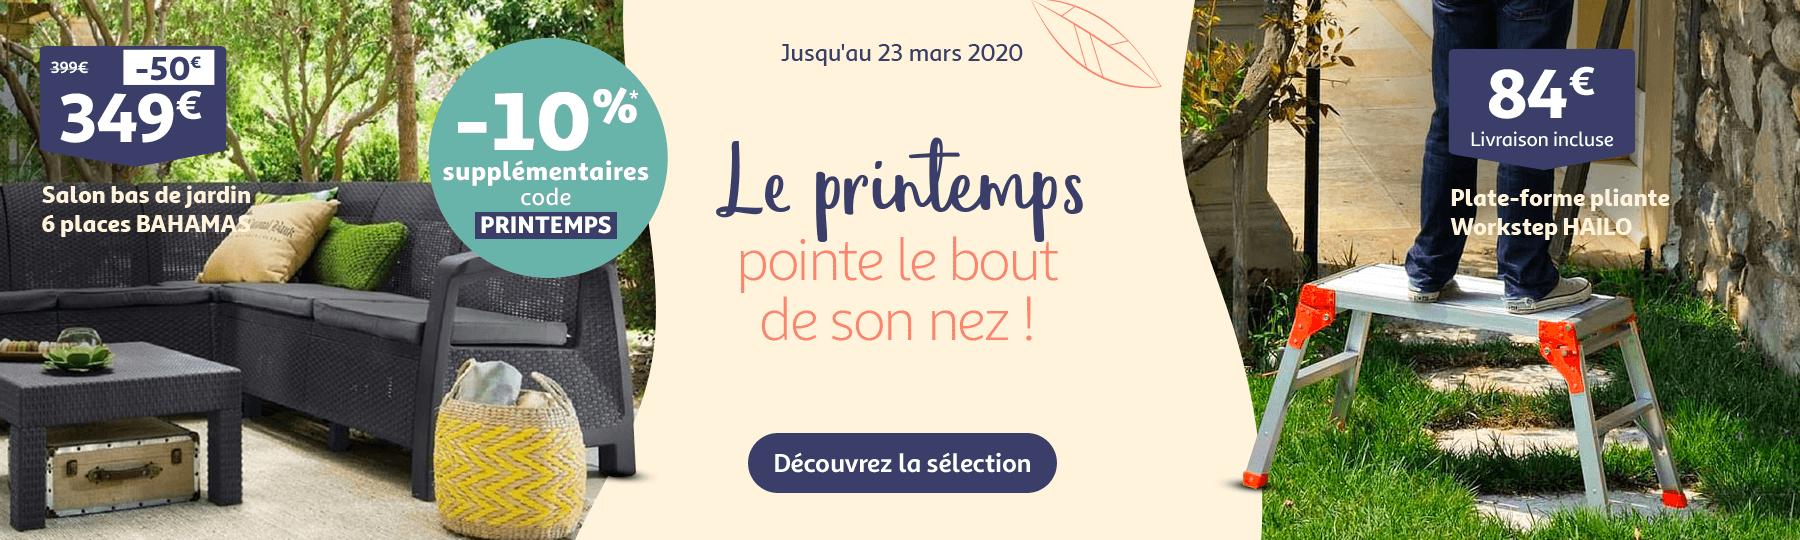 Auchan. S Magasins, Services Et Achat En Ligne avec Tonnelle De Jardin Auchan